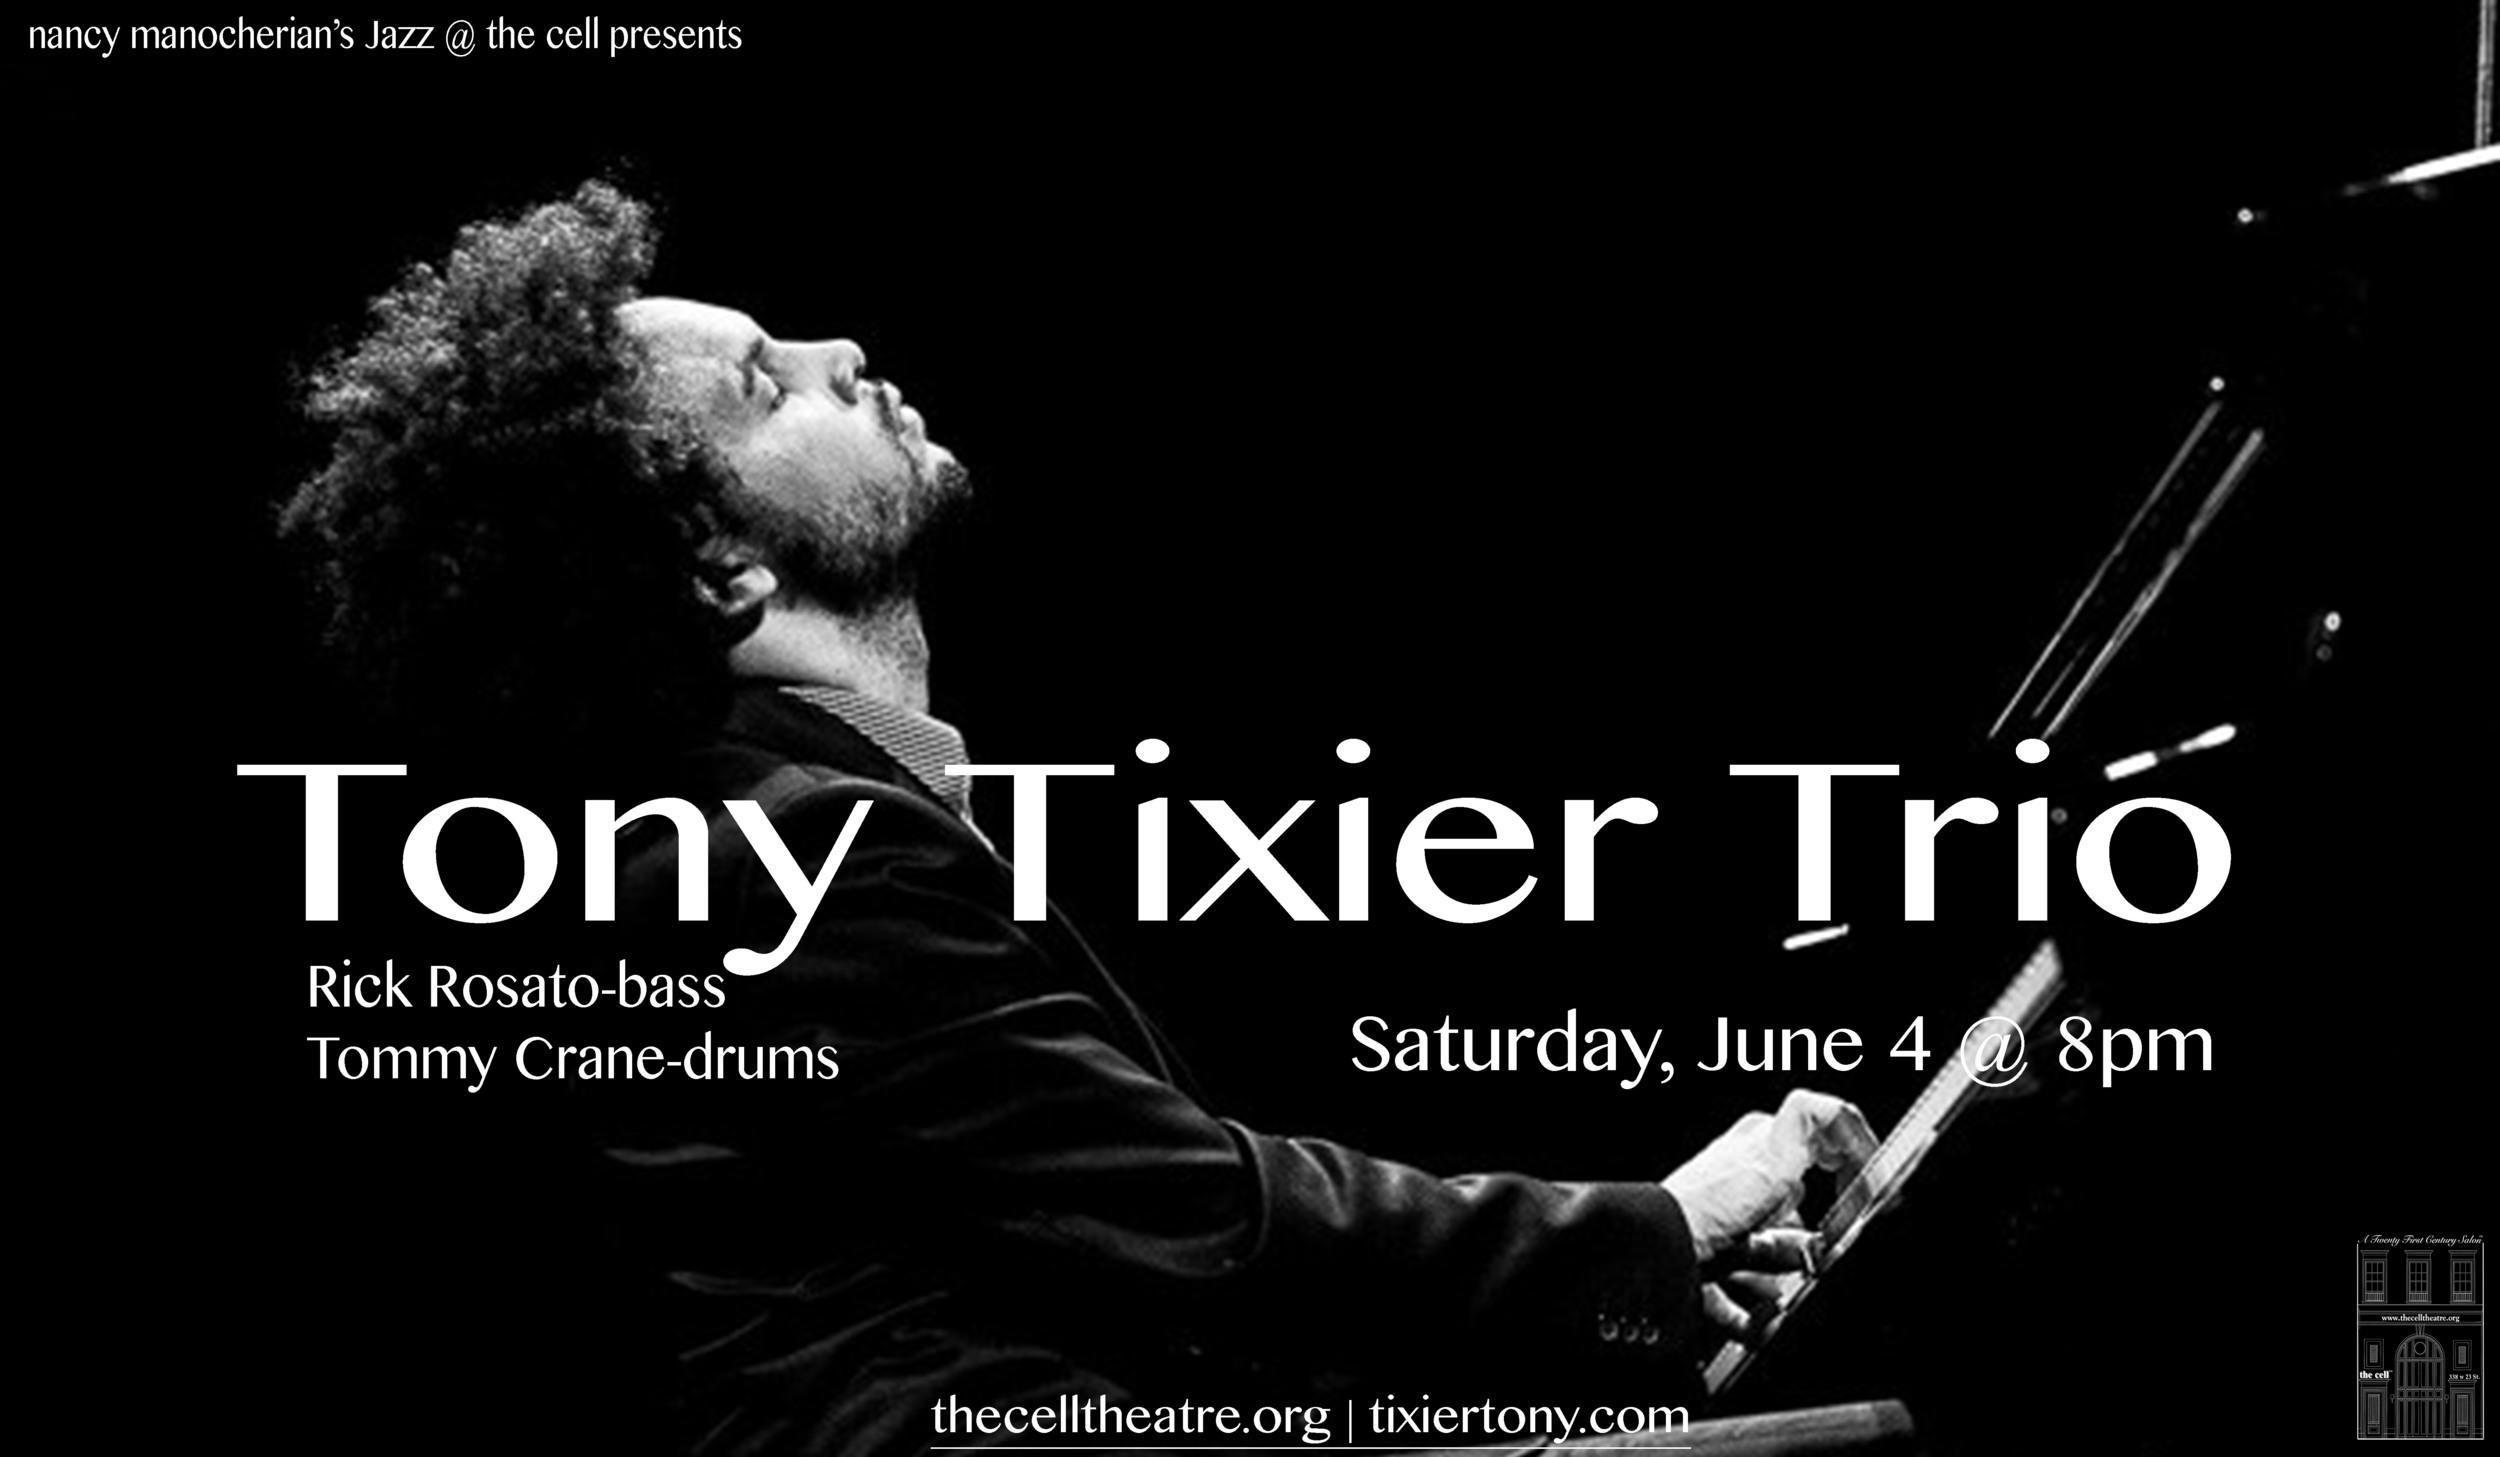 """""""Tony n'est pas seulement un pianiste aux qualités rares (puissance minérale du toucher, sensualité féline des impros), c'est aussi,à l'évidence, un leader né... une révélation? oh que oui!.""""   Jazz Magazine (Frederic Goaty)."""